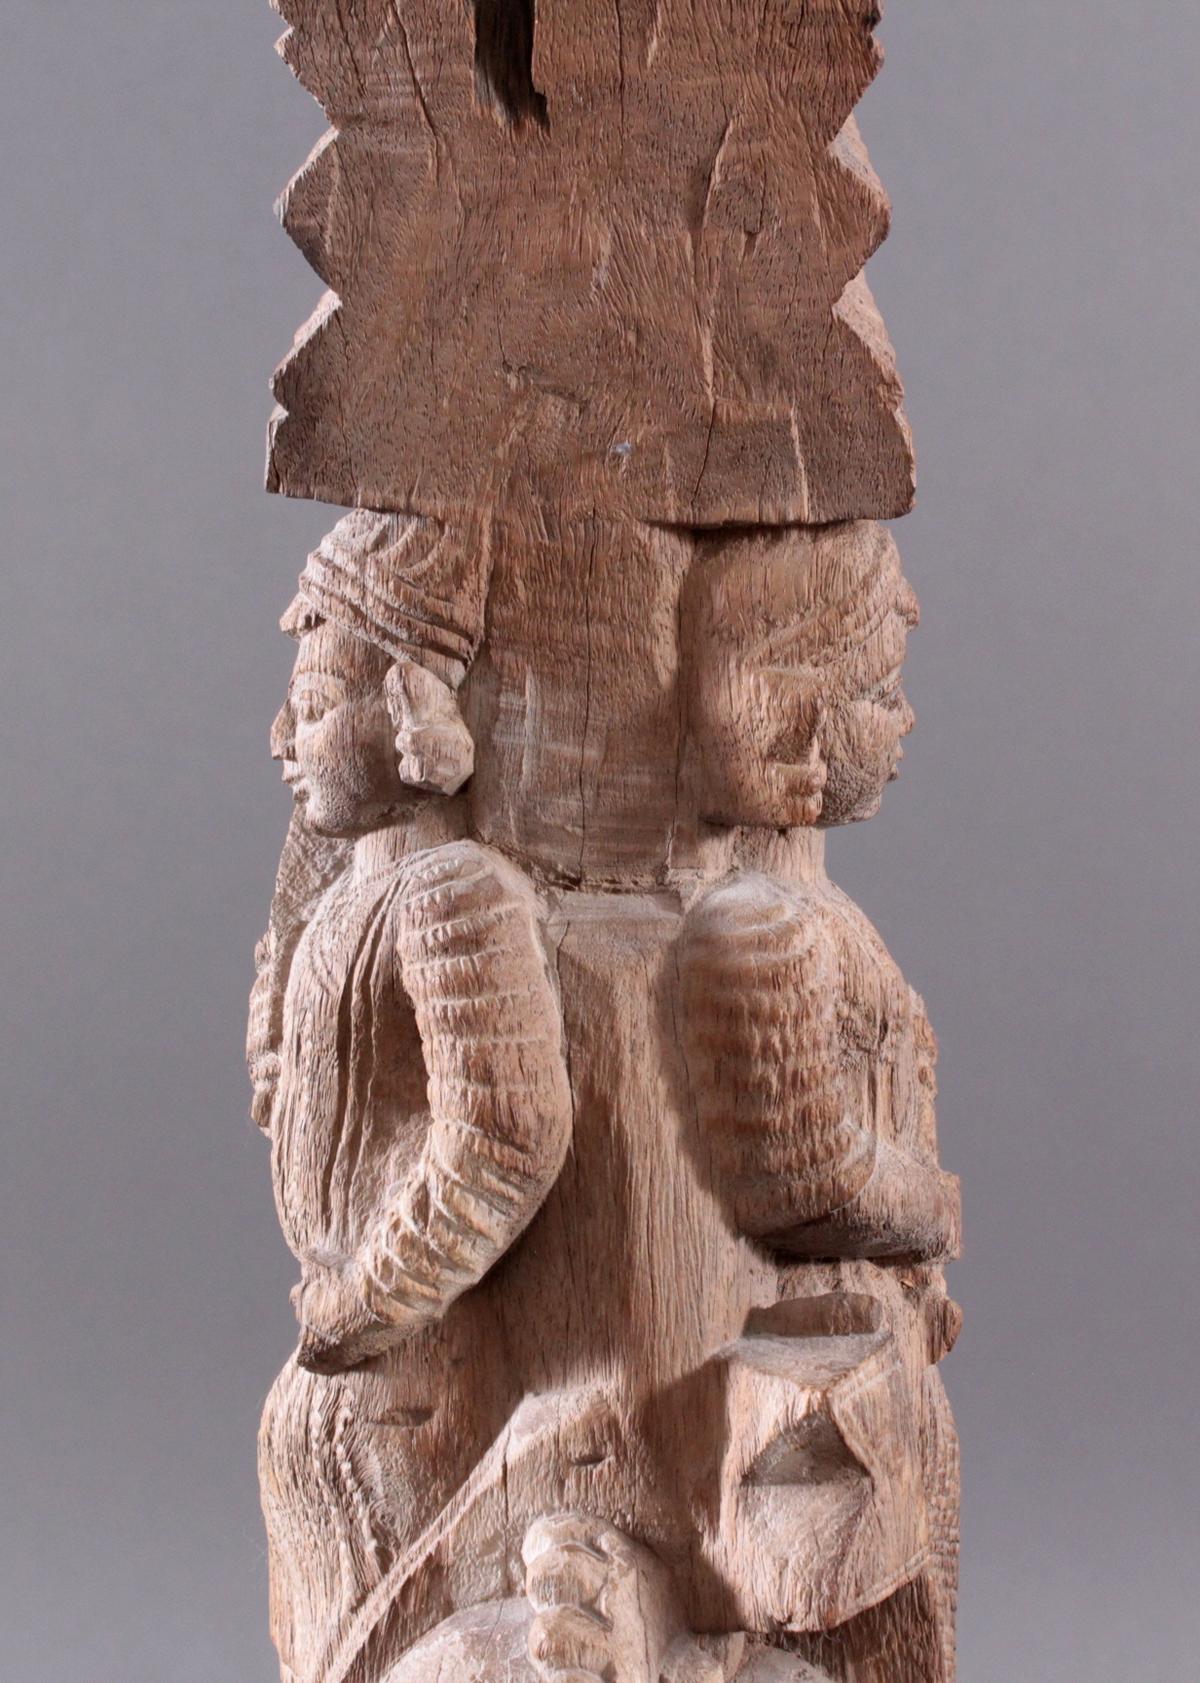 Holzplastik eines Reiters auf einem Pferd, Indien wohl Orissa 15./16. Jh.-11